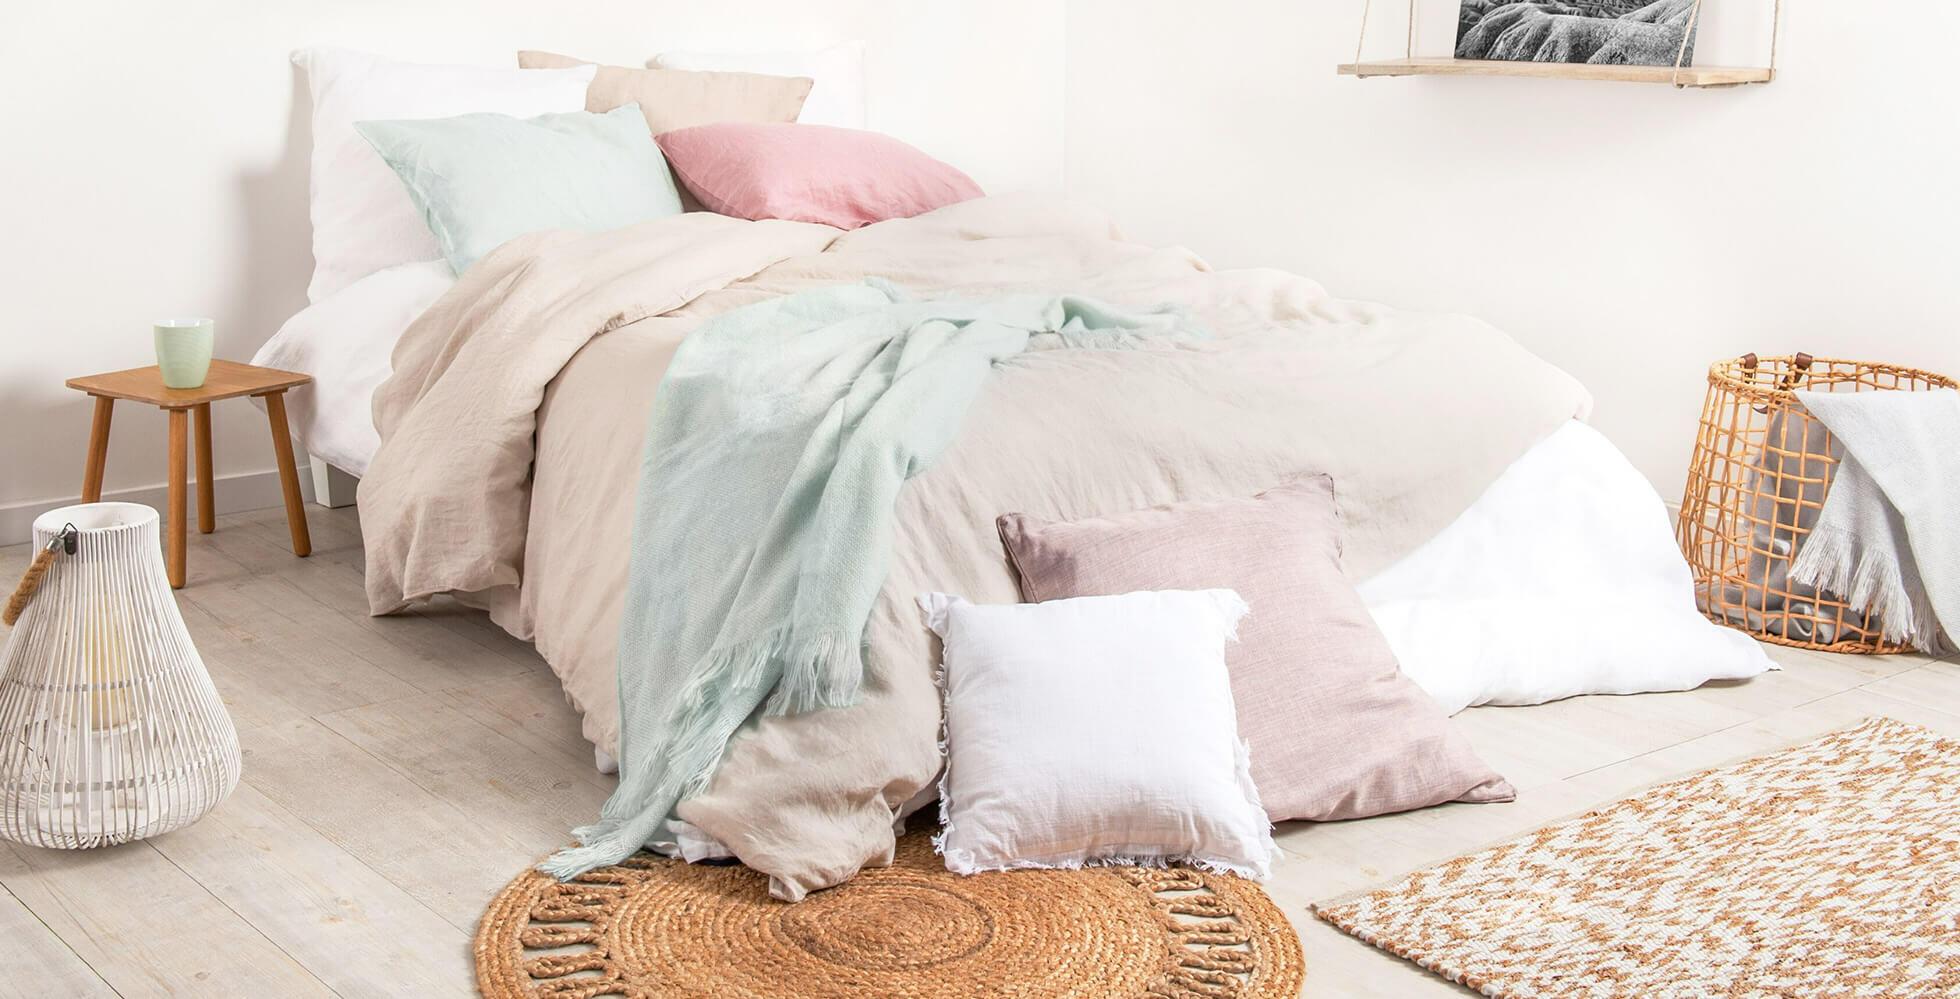 decoración de dormitorio con ropa de cama de lino